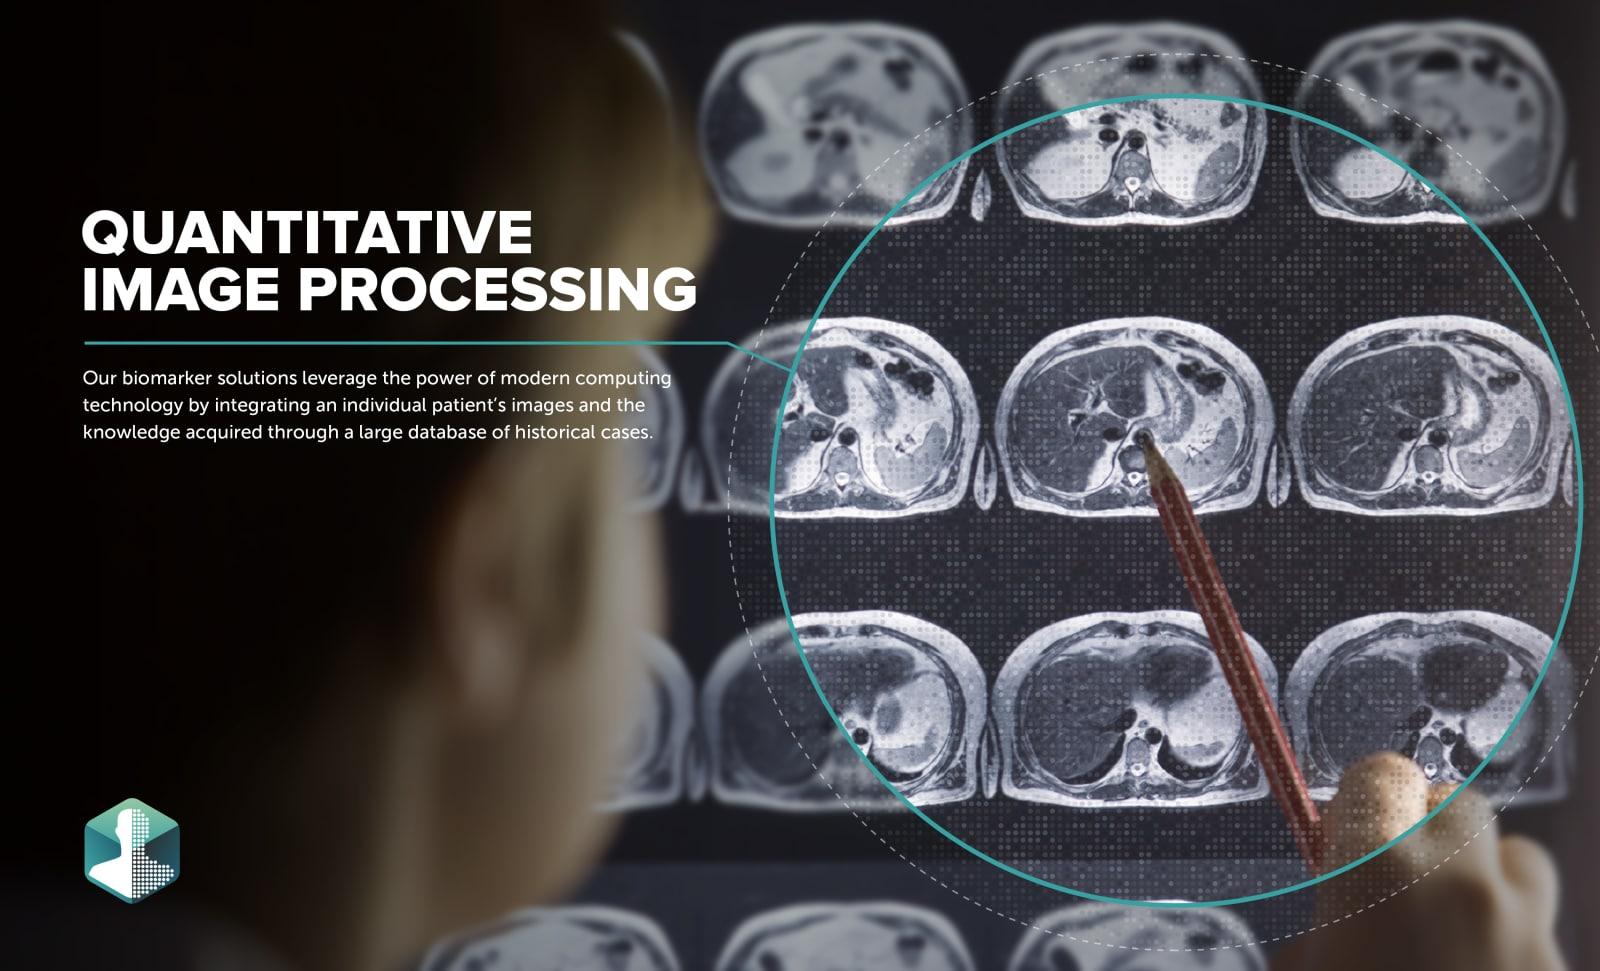 Imbio Data Points Image Treatment One